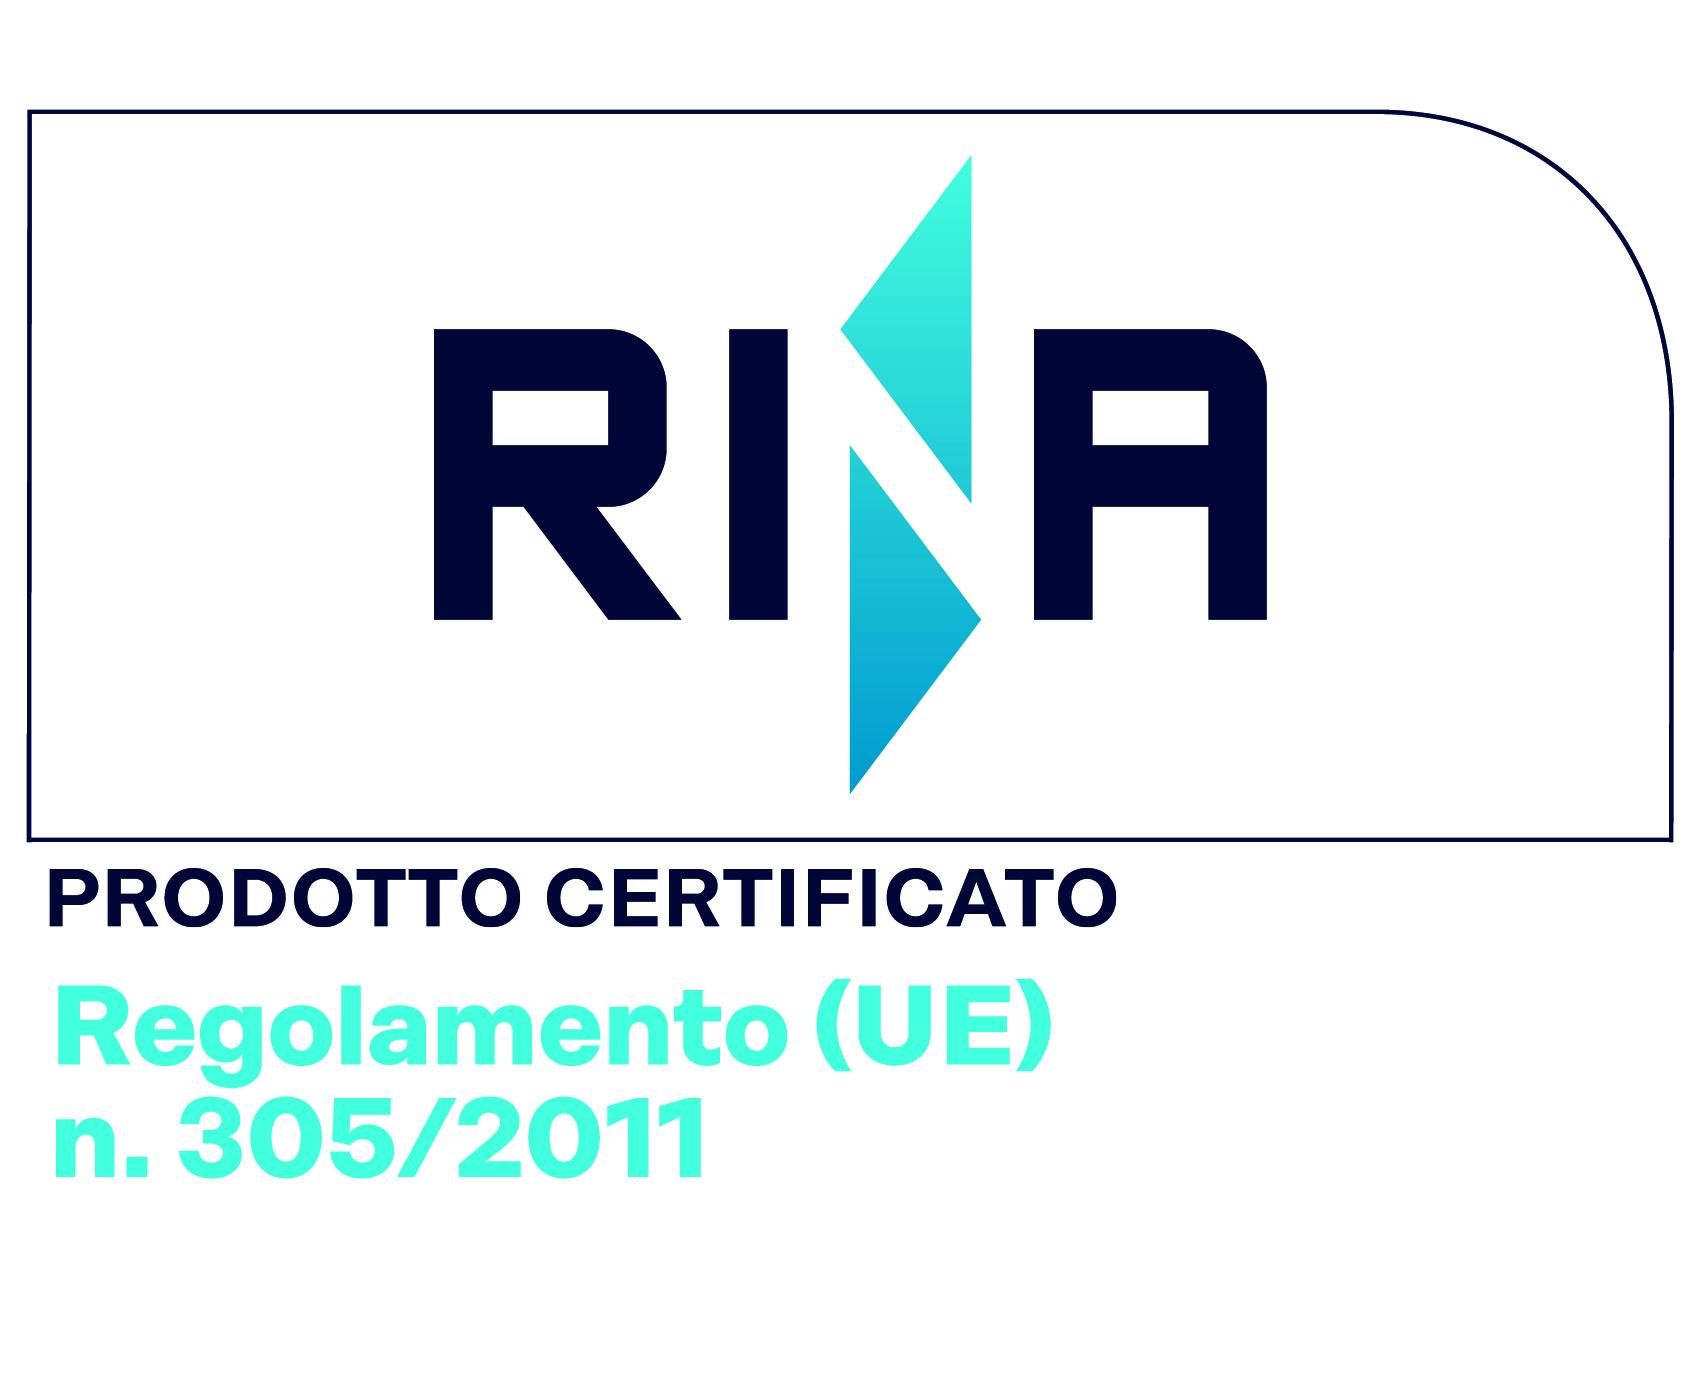 Prodotto Certificato Regolamento UE 305/2011